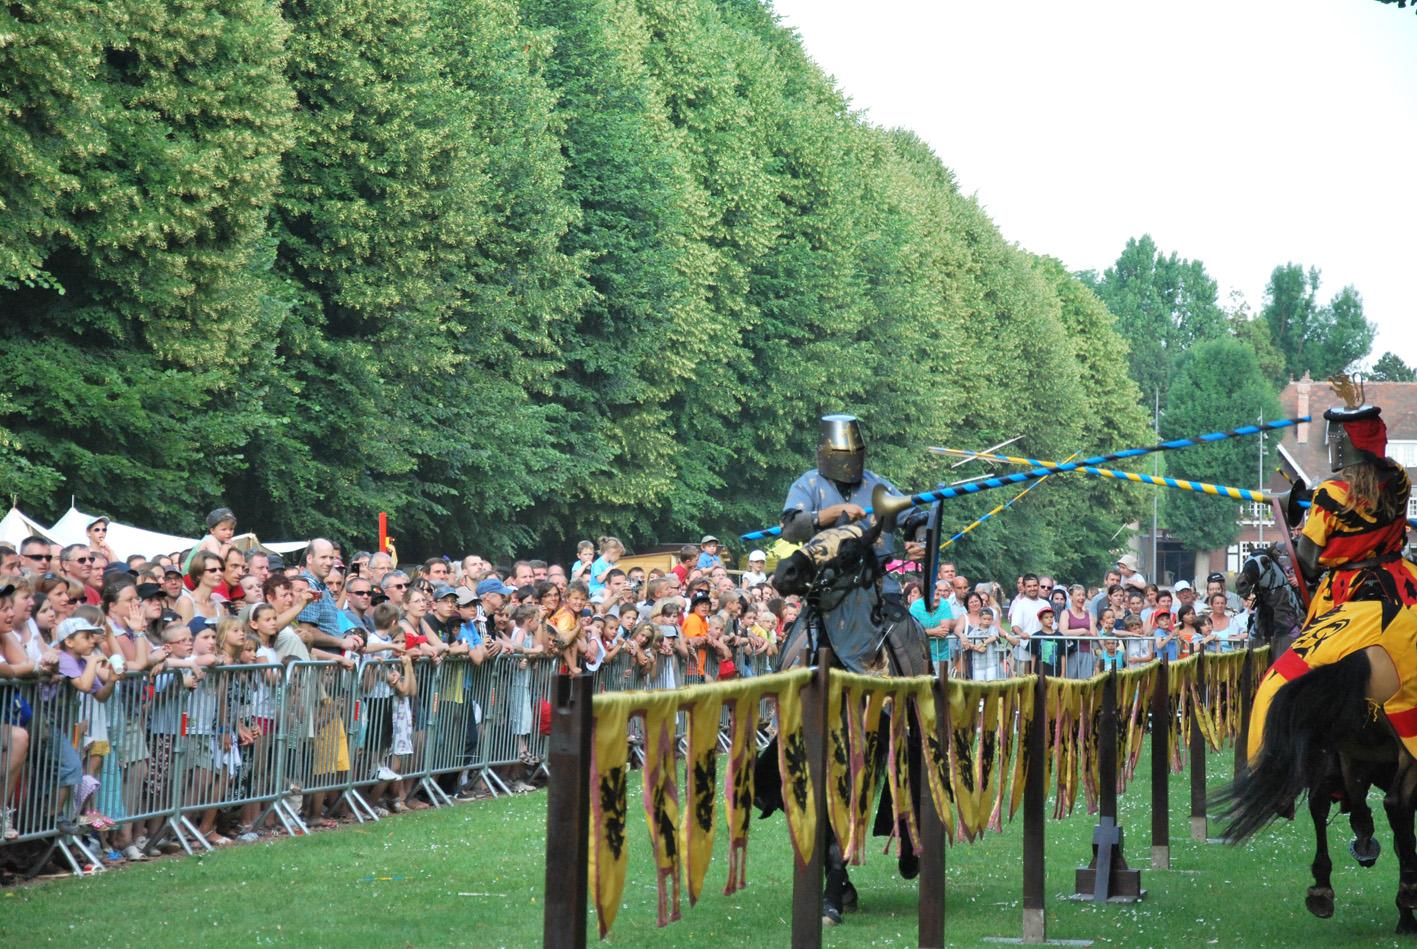 Tournoi de chevalerie sur la Drève (Fête des Harengs 2010)